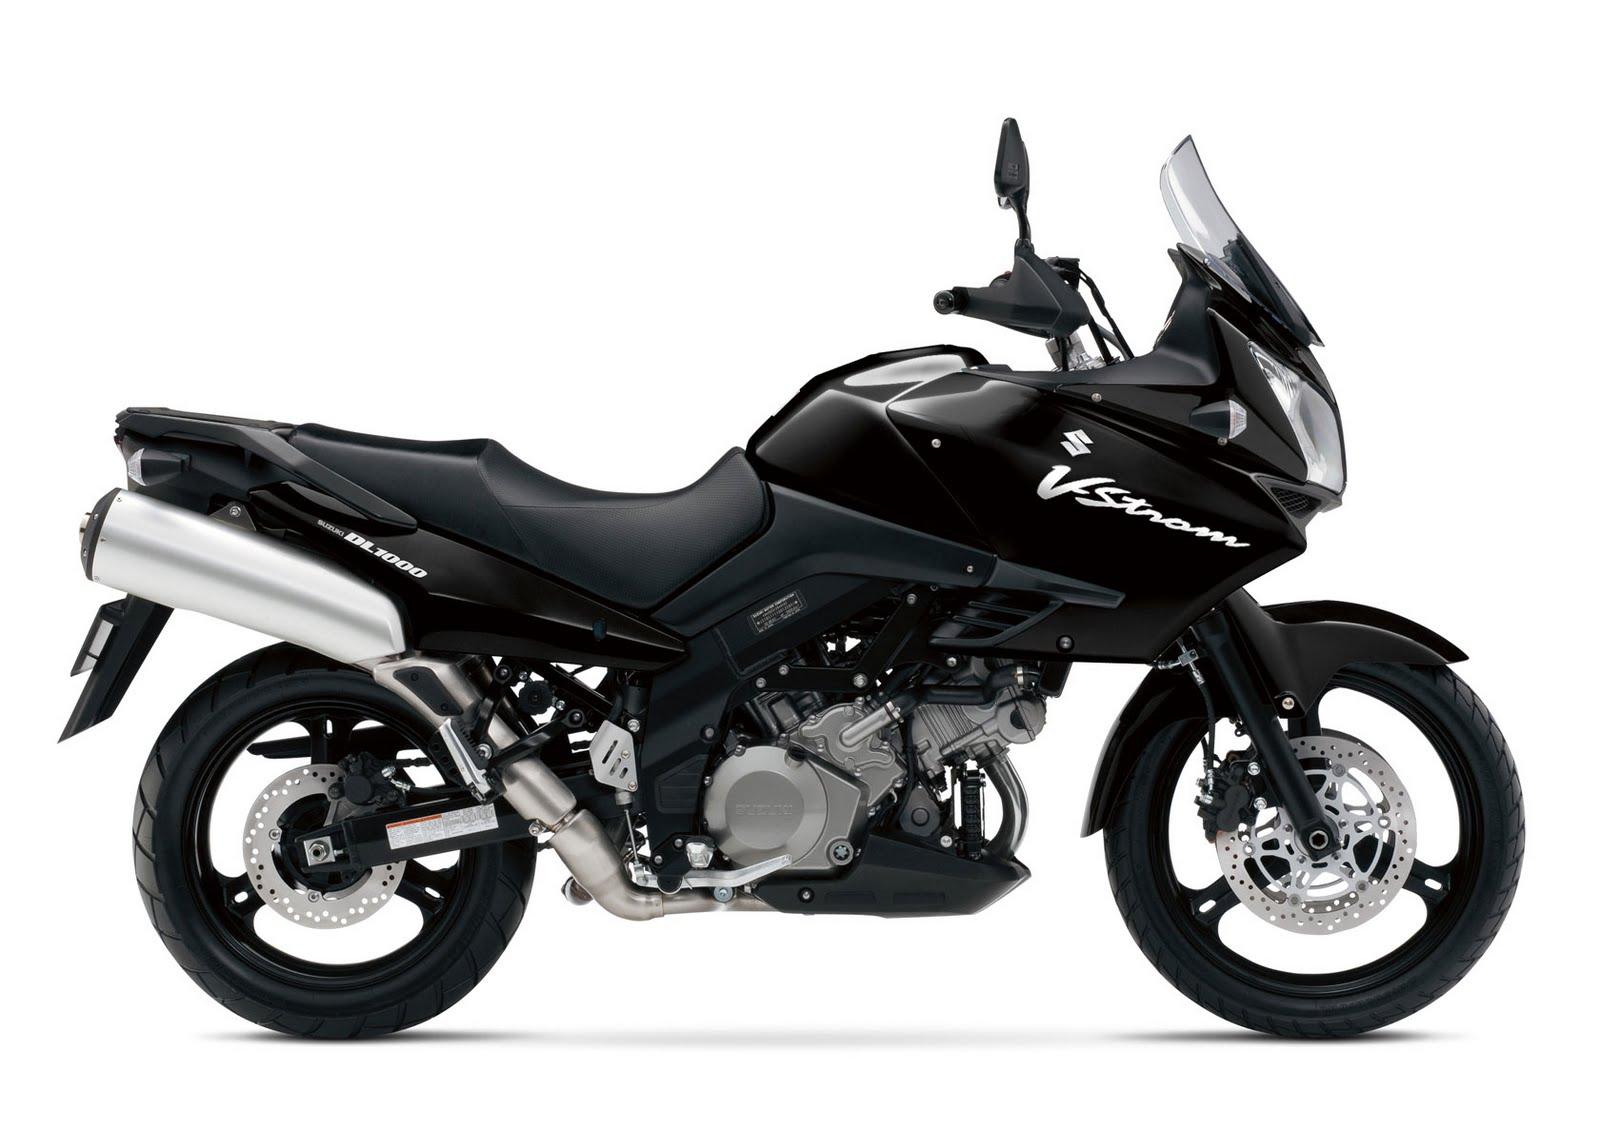 http://4.bp.blogspot.com/_lzmi2F5PX28/S-6TTFDHmuI/AAAAAAAAAxU/LRyzMEMZ5y0/s1600/2009+Suzuki+V-Strom+1000+black.jpg